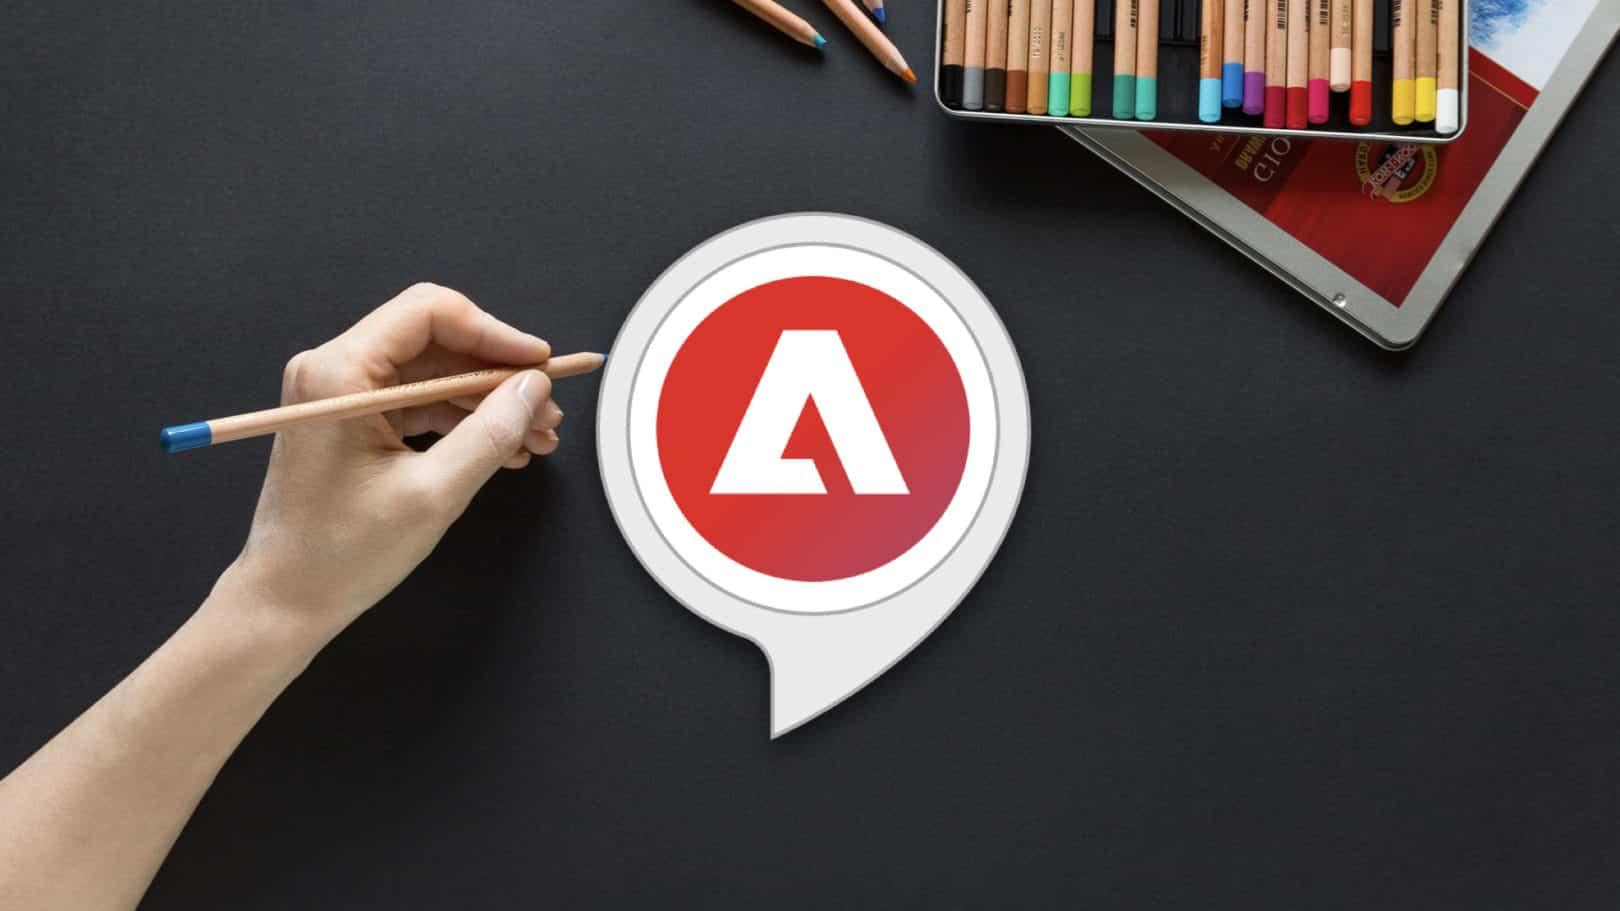 Adobe dévoile une appli Alexa destinée à cultiver la créativité